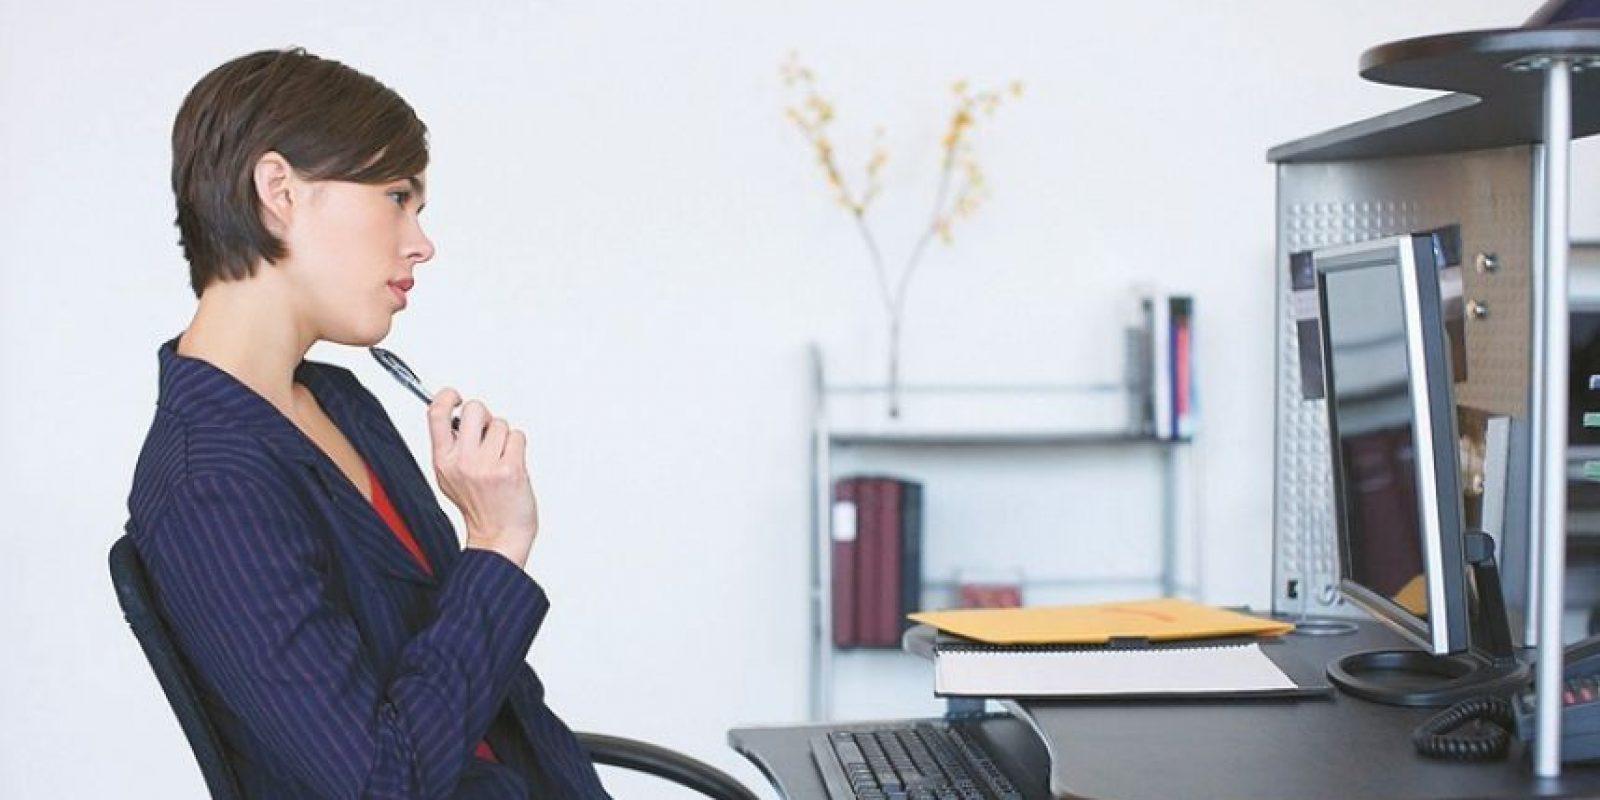 """3- Miedo a perder la ilusión. Llevo 20 meses pensando que trabajo en otra empresa; en mi mente ya soy el jefe y gano el doble, pero ni siquiera mandé el CV, porque """"qué tal si pierdo hasta la ilusión""""."""